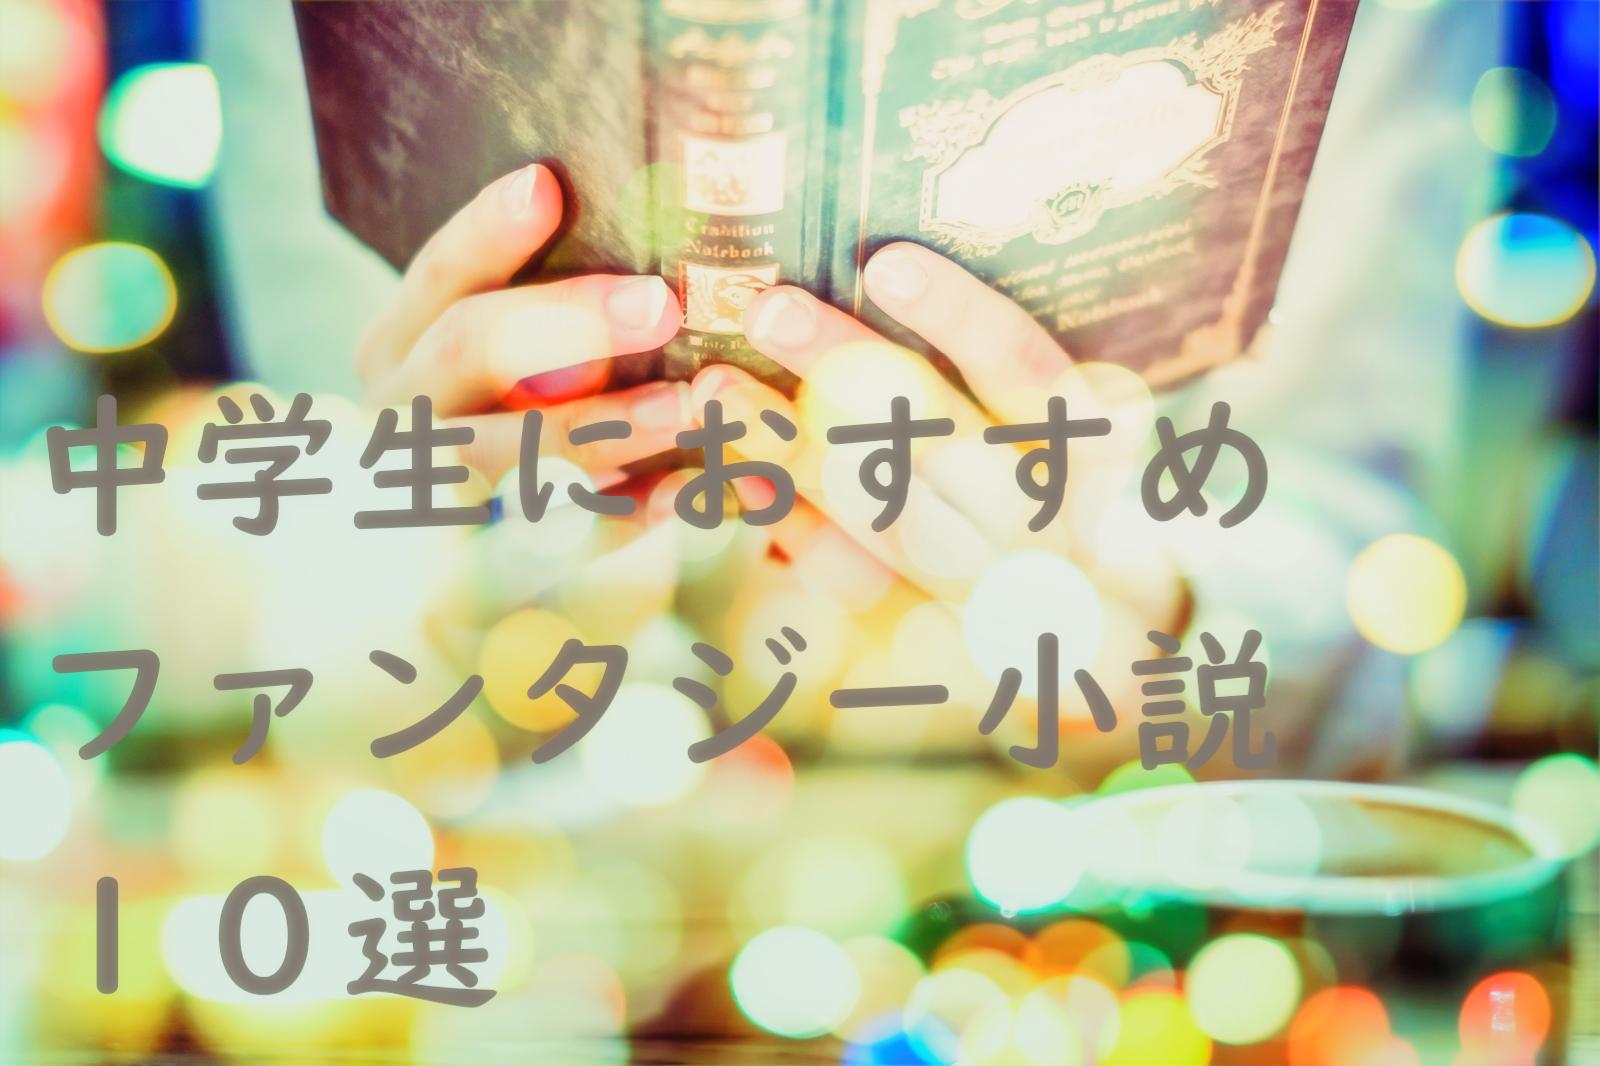 中学生におすすめのファンタジー小説10選